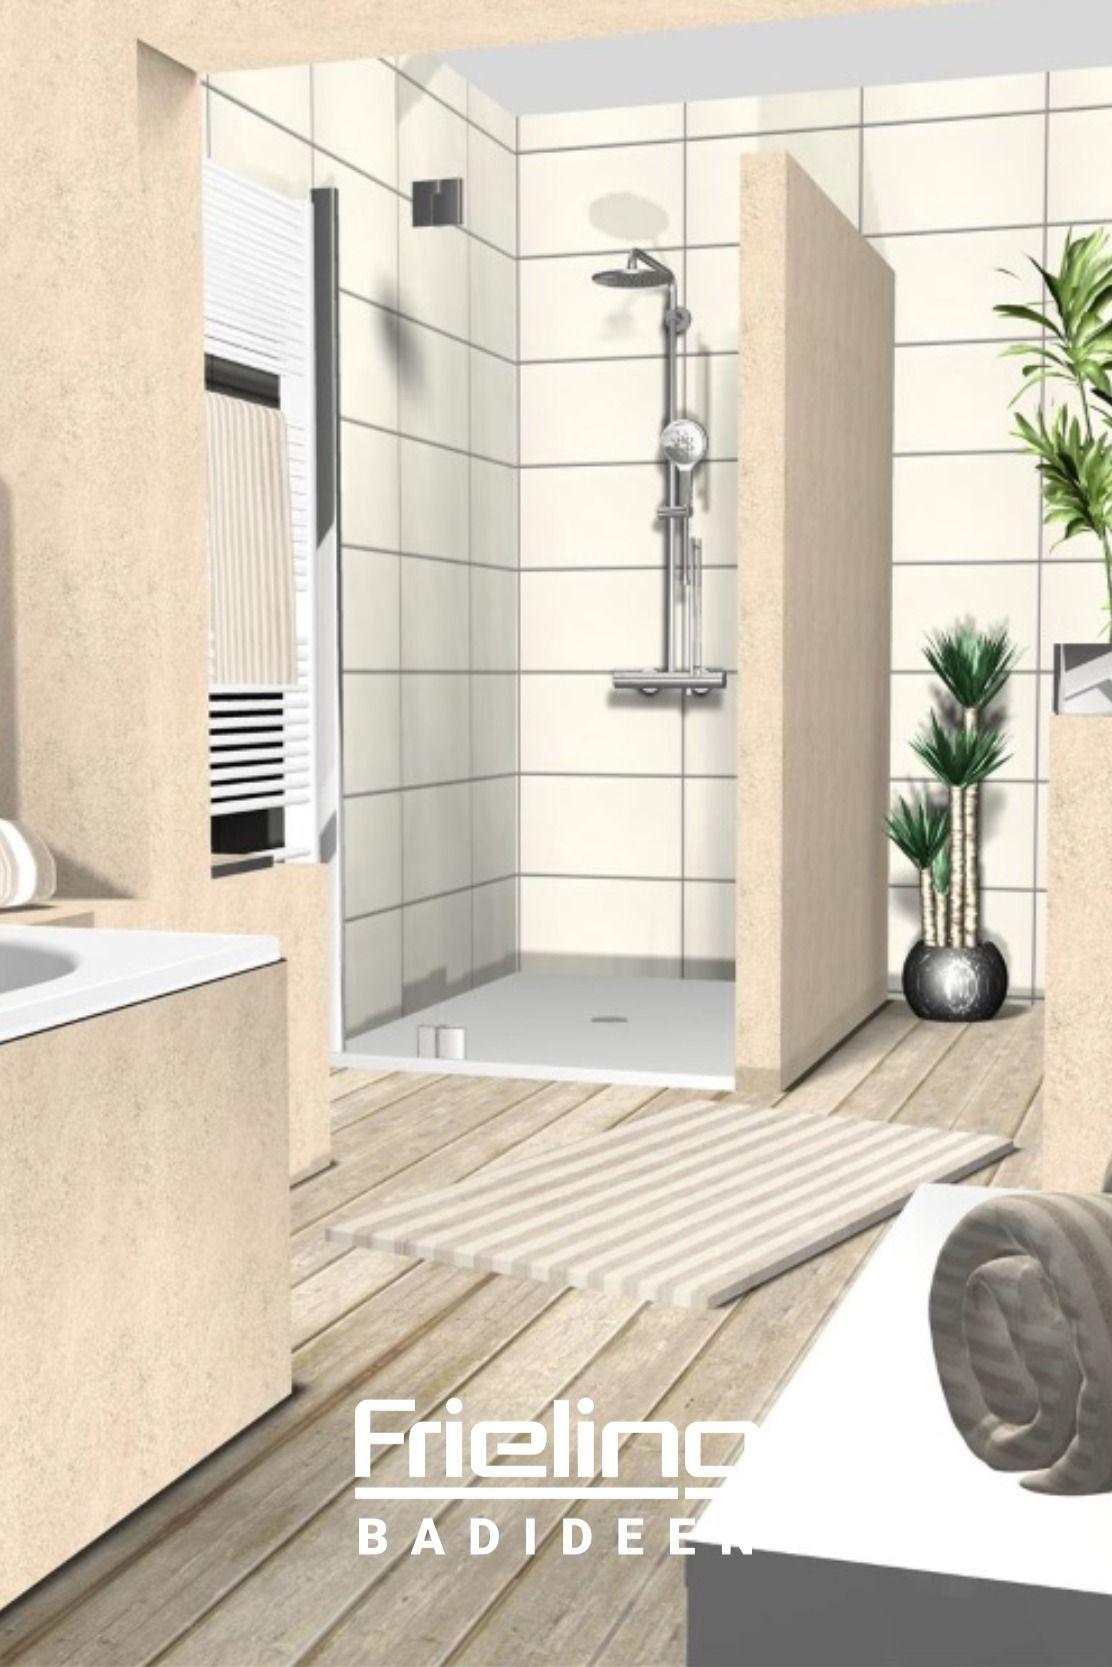 Das Bad Aus Zwei Zonen Ansicht Der Dusche In 2020 Badezimmer Grosse Badezimmer Badgestaltung